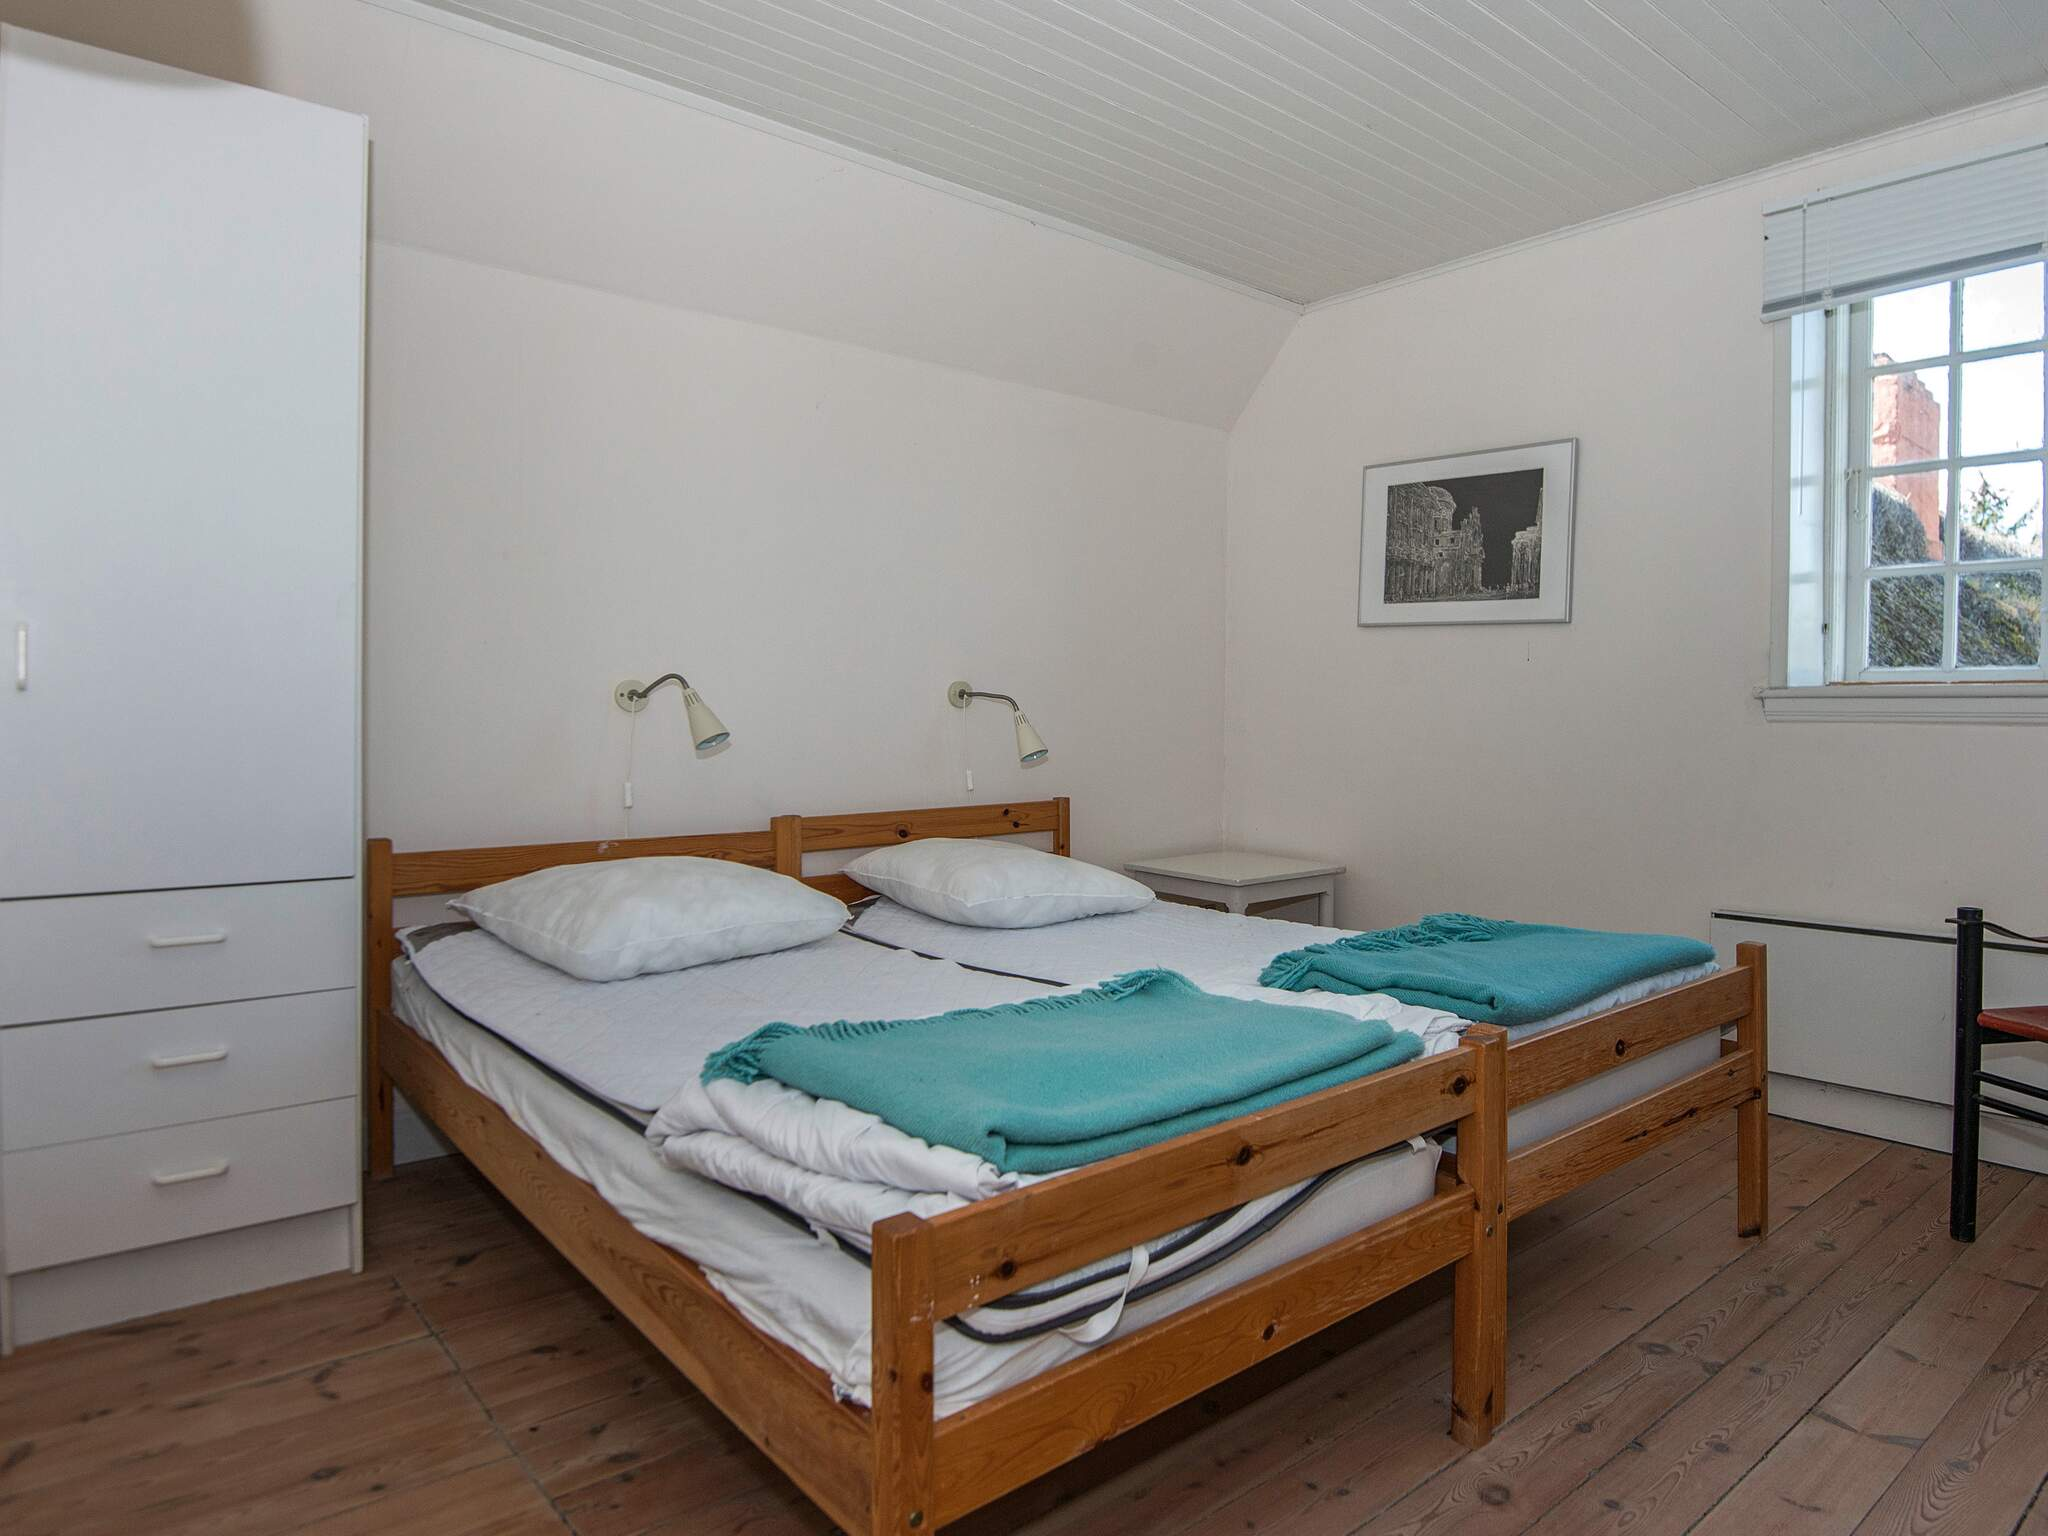 Ferienhaus Juelsminde (82074), Juelsminde, , Dänische Ostsee, Dänemark, Bild 13